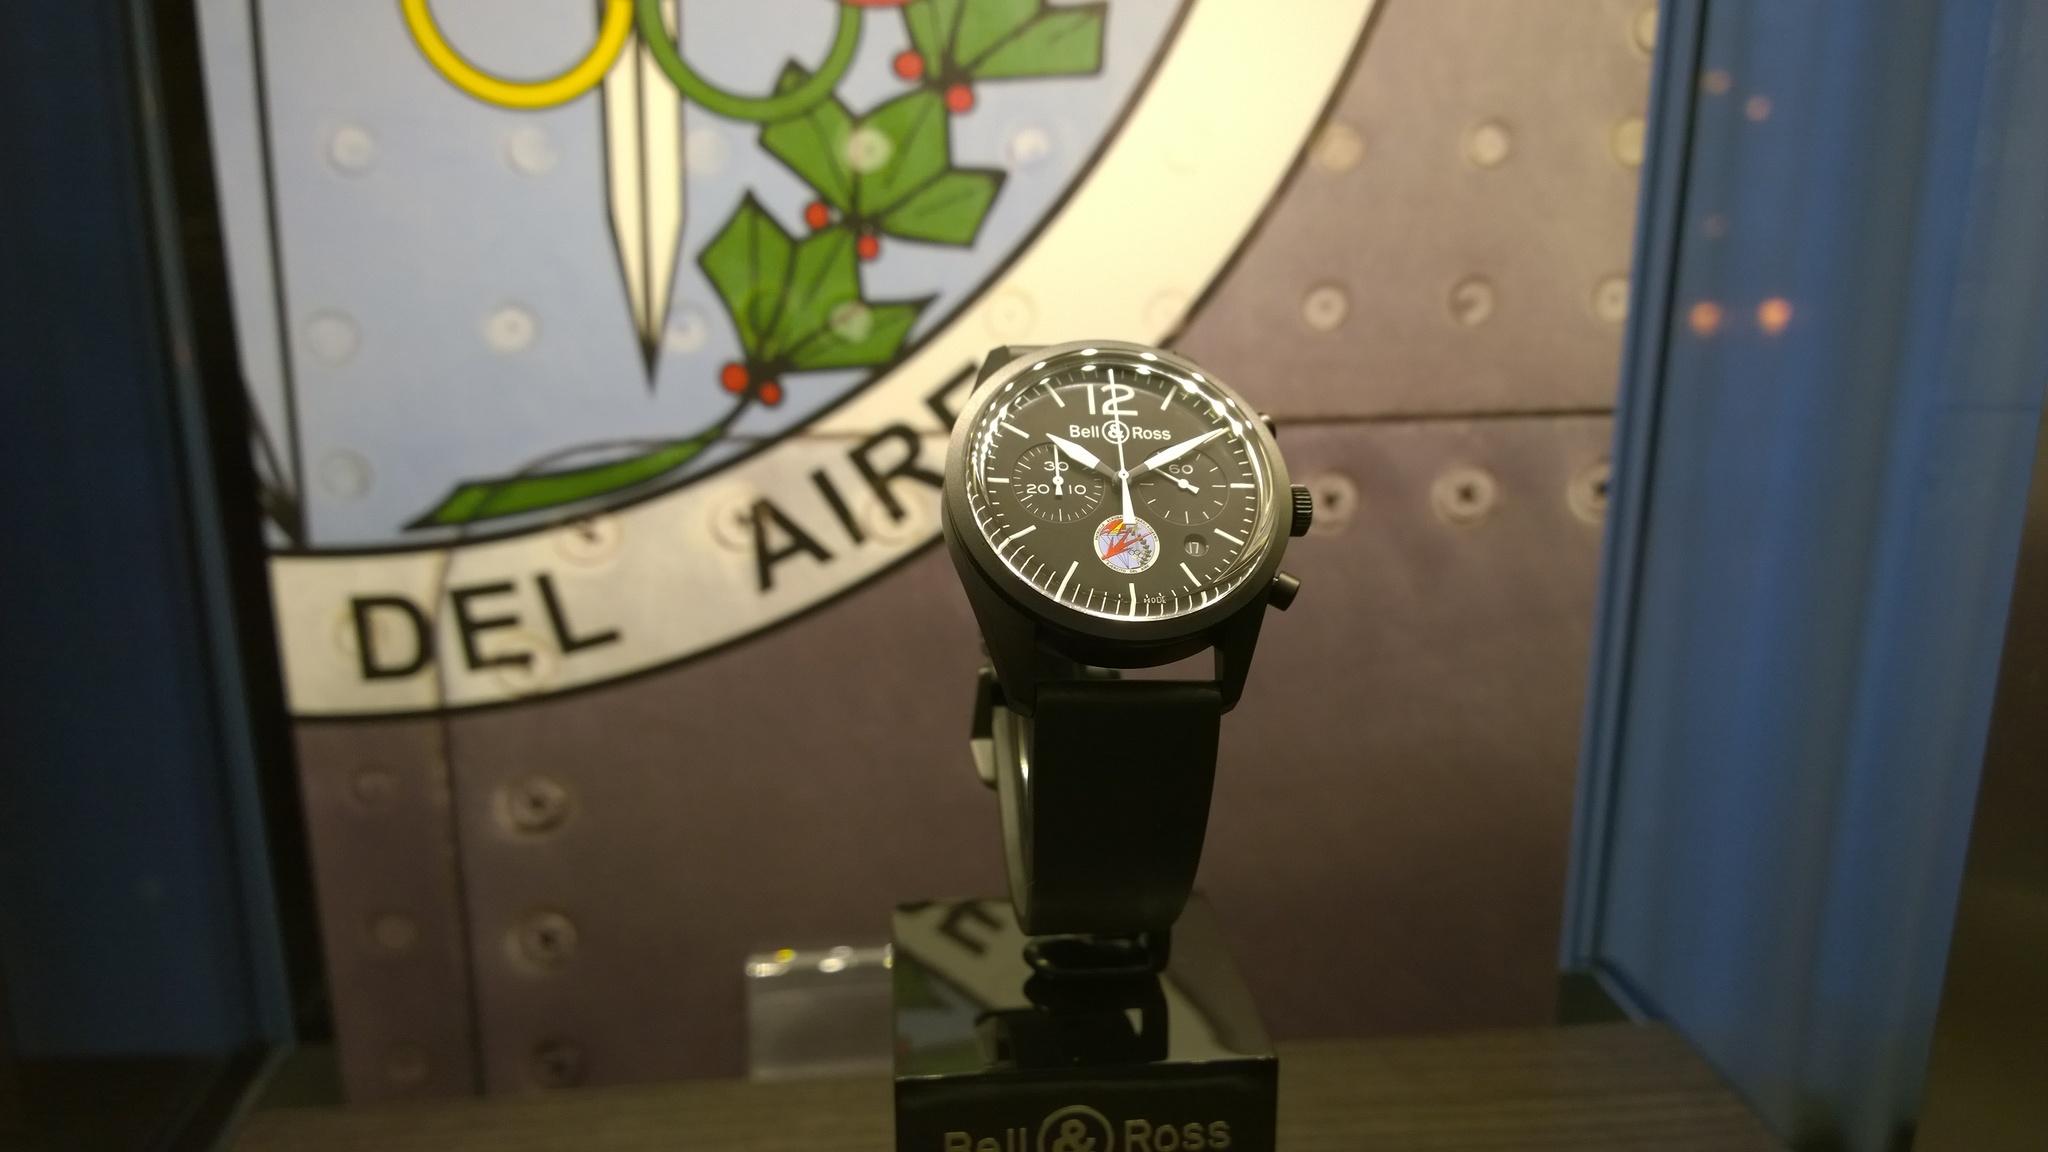 Presentación del Bell & Ross BR126 Vintage Papea